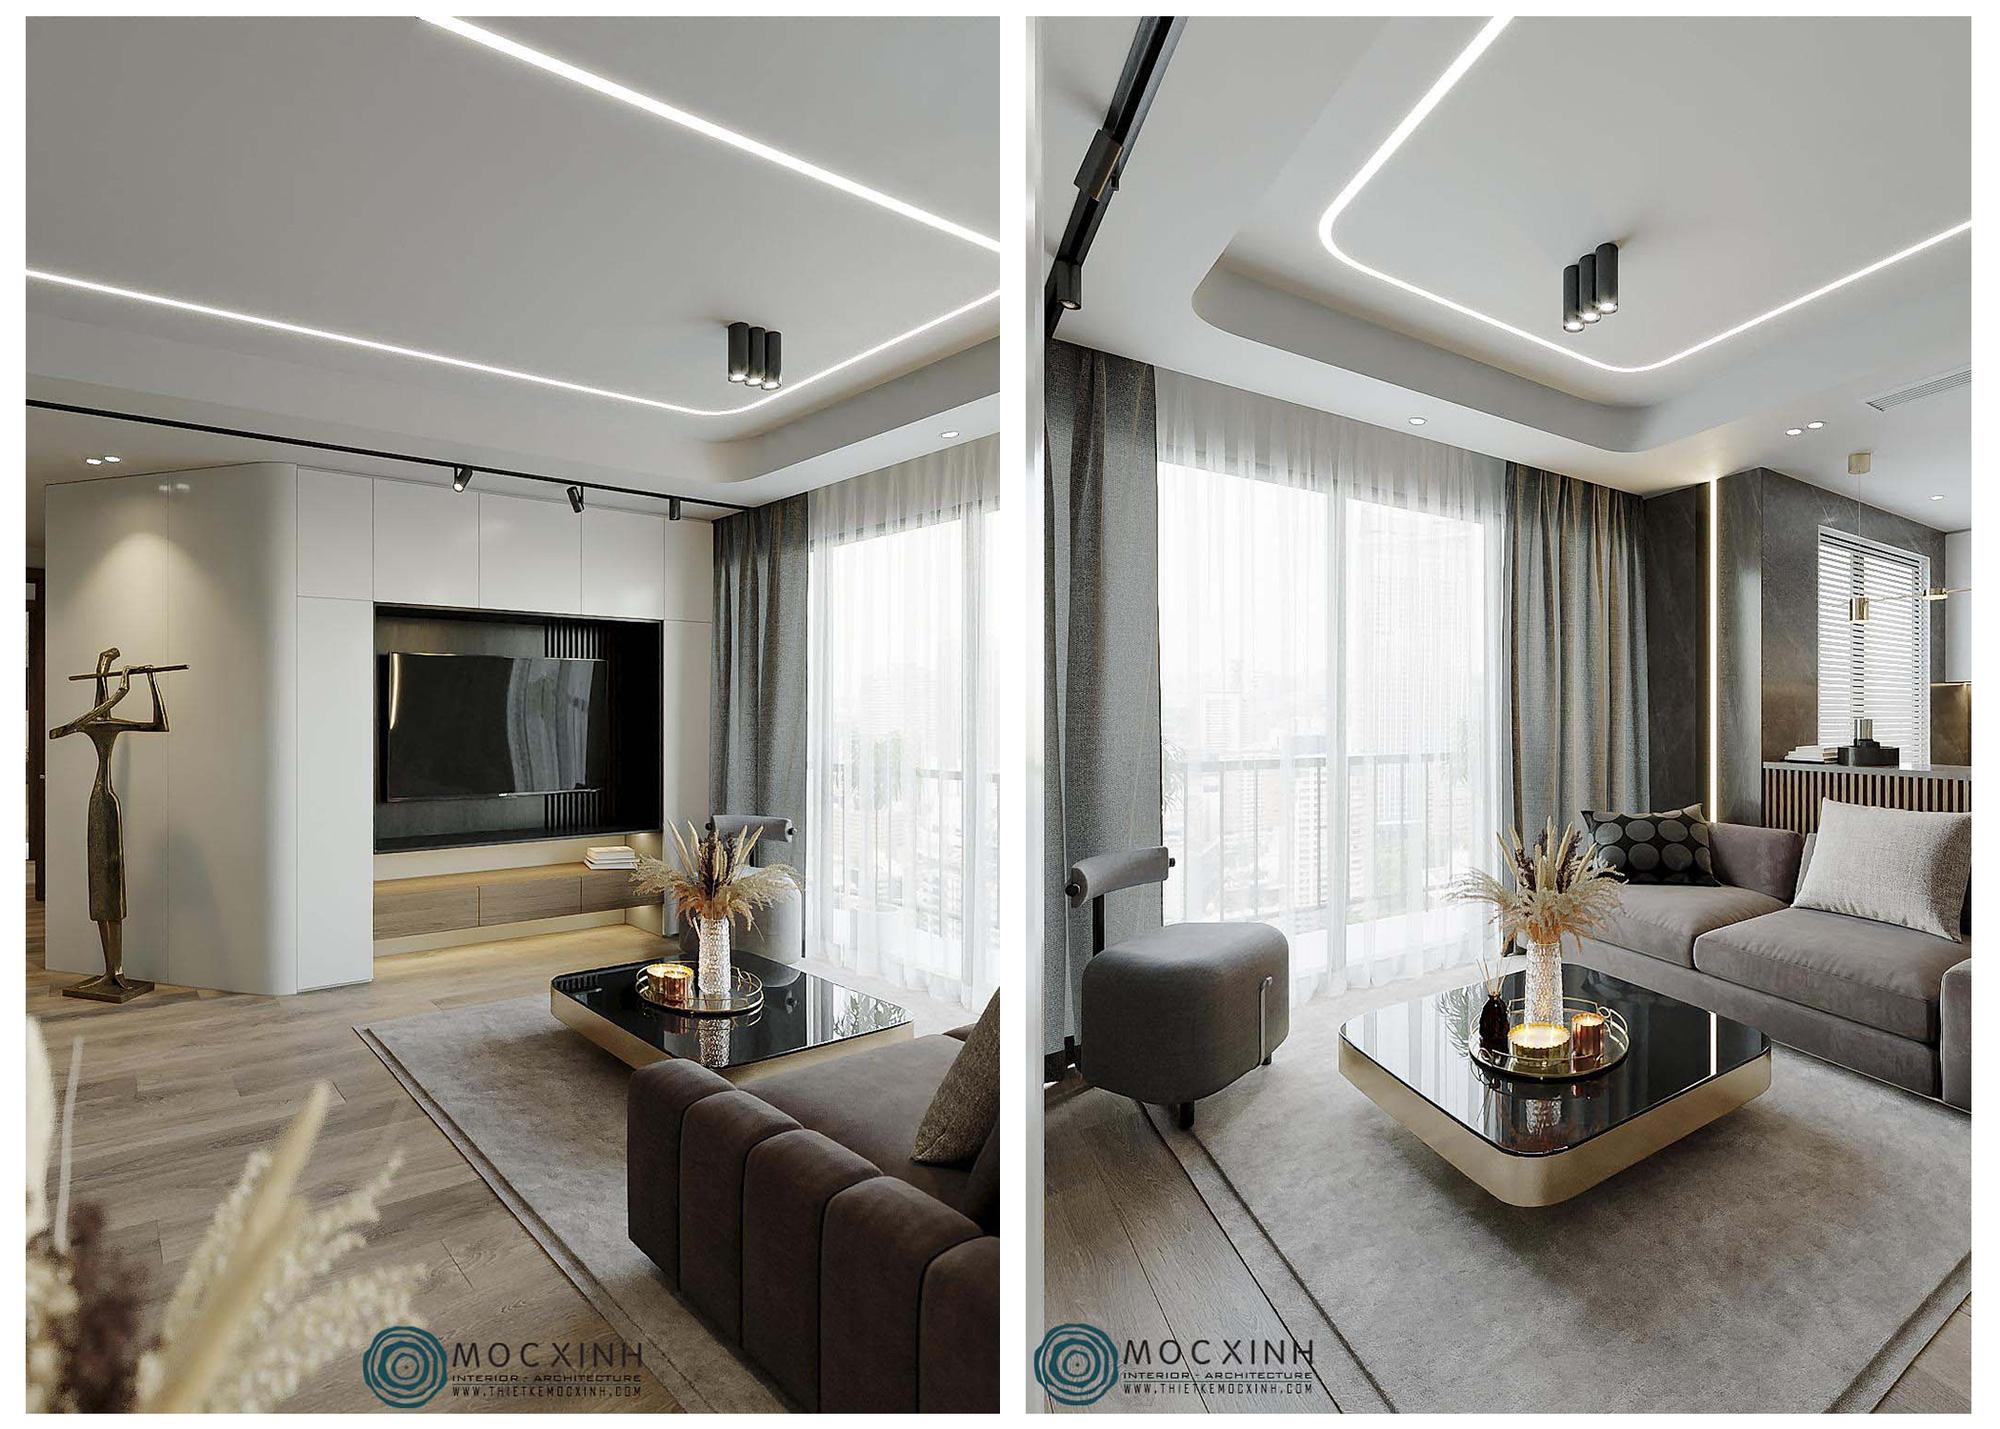 Những ý tưởng độc đáo cho thiết kế nội thất căn hộ chung cư hiện đại đẹp nhất - Ảnh 4.